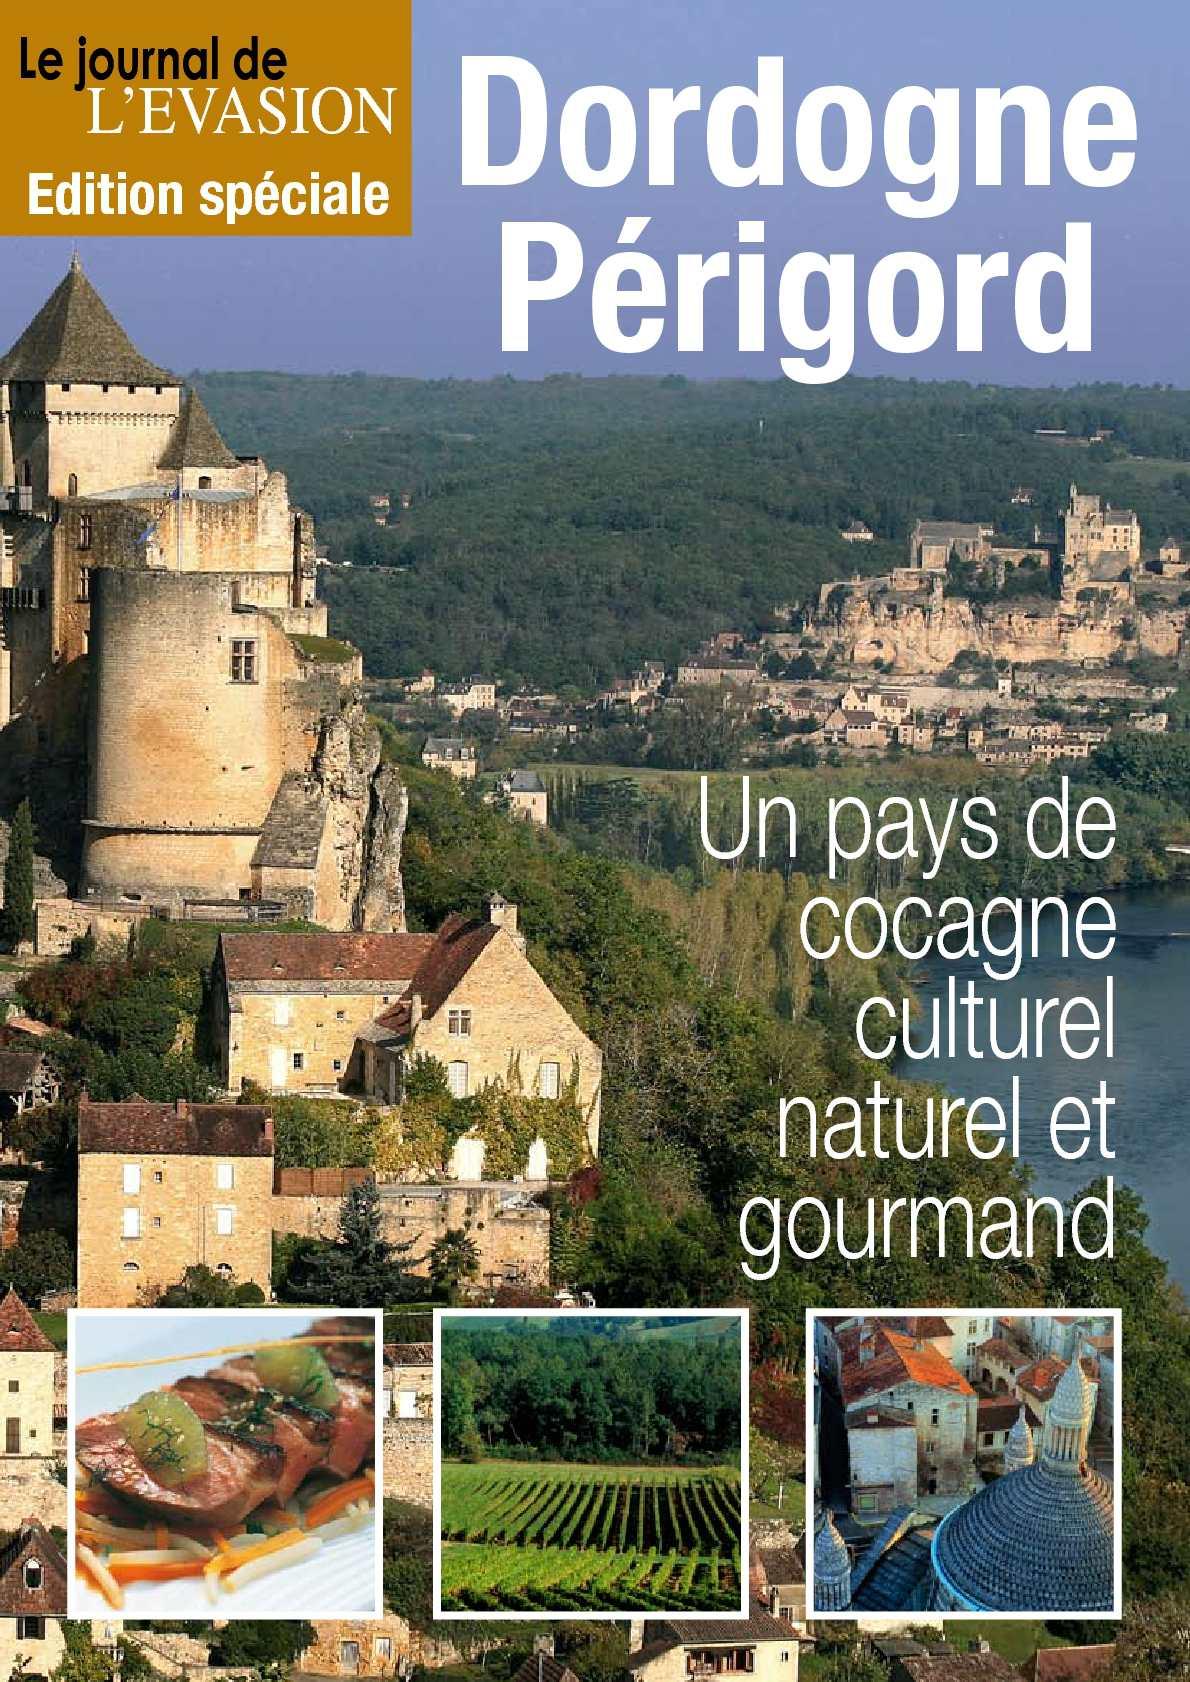 Dordogne-Périgord: Reportage du Journal de l'Evasion.be